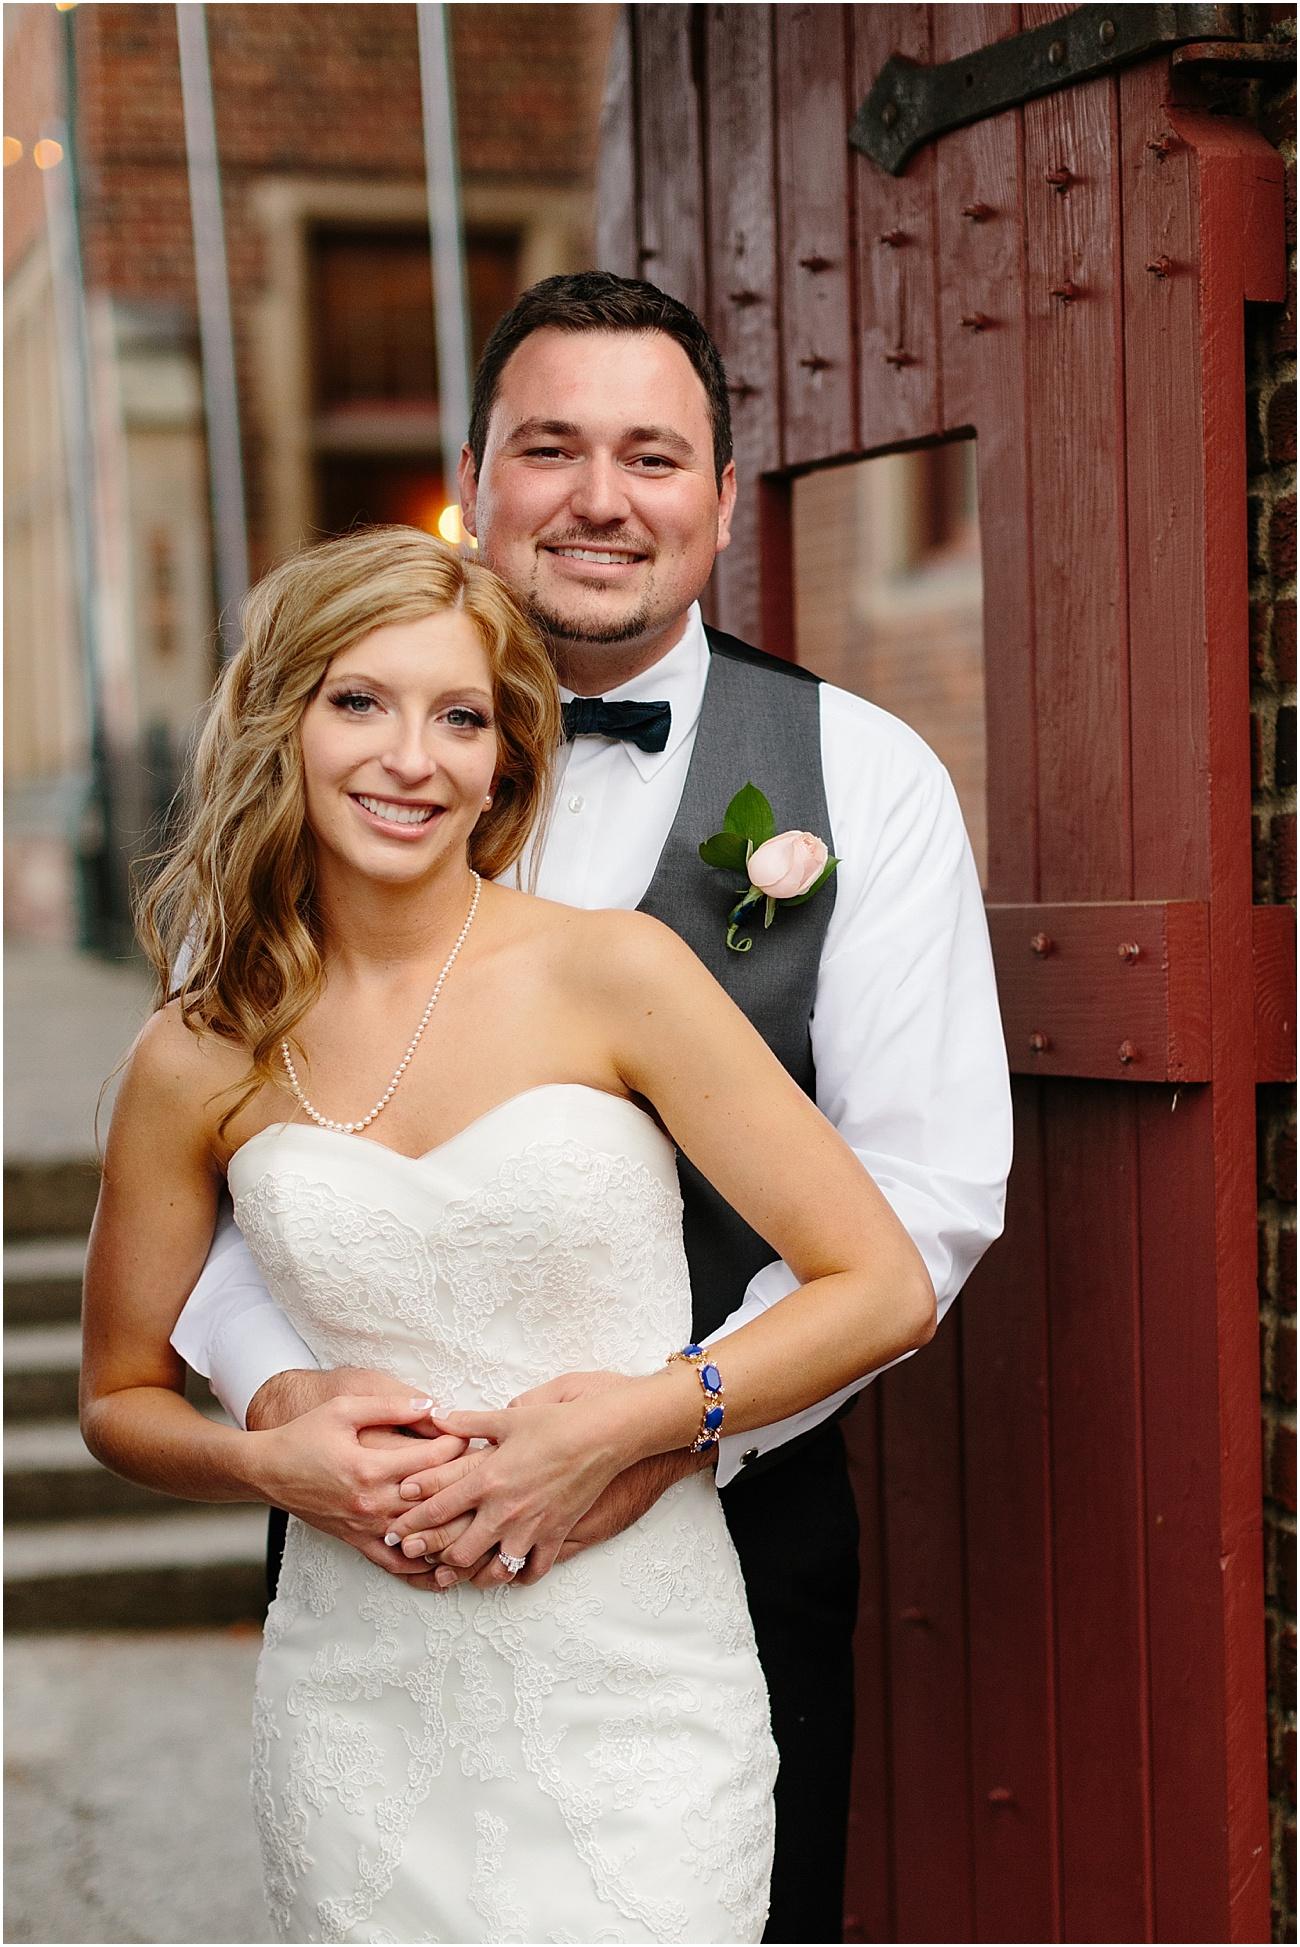 Thomas_WeyerhaeuserEstate_Tacom_Washington_Wedding_0104